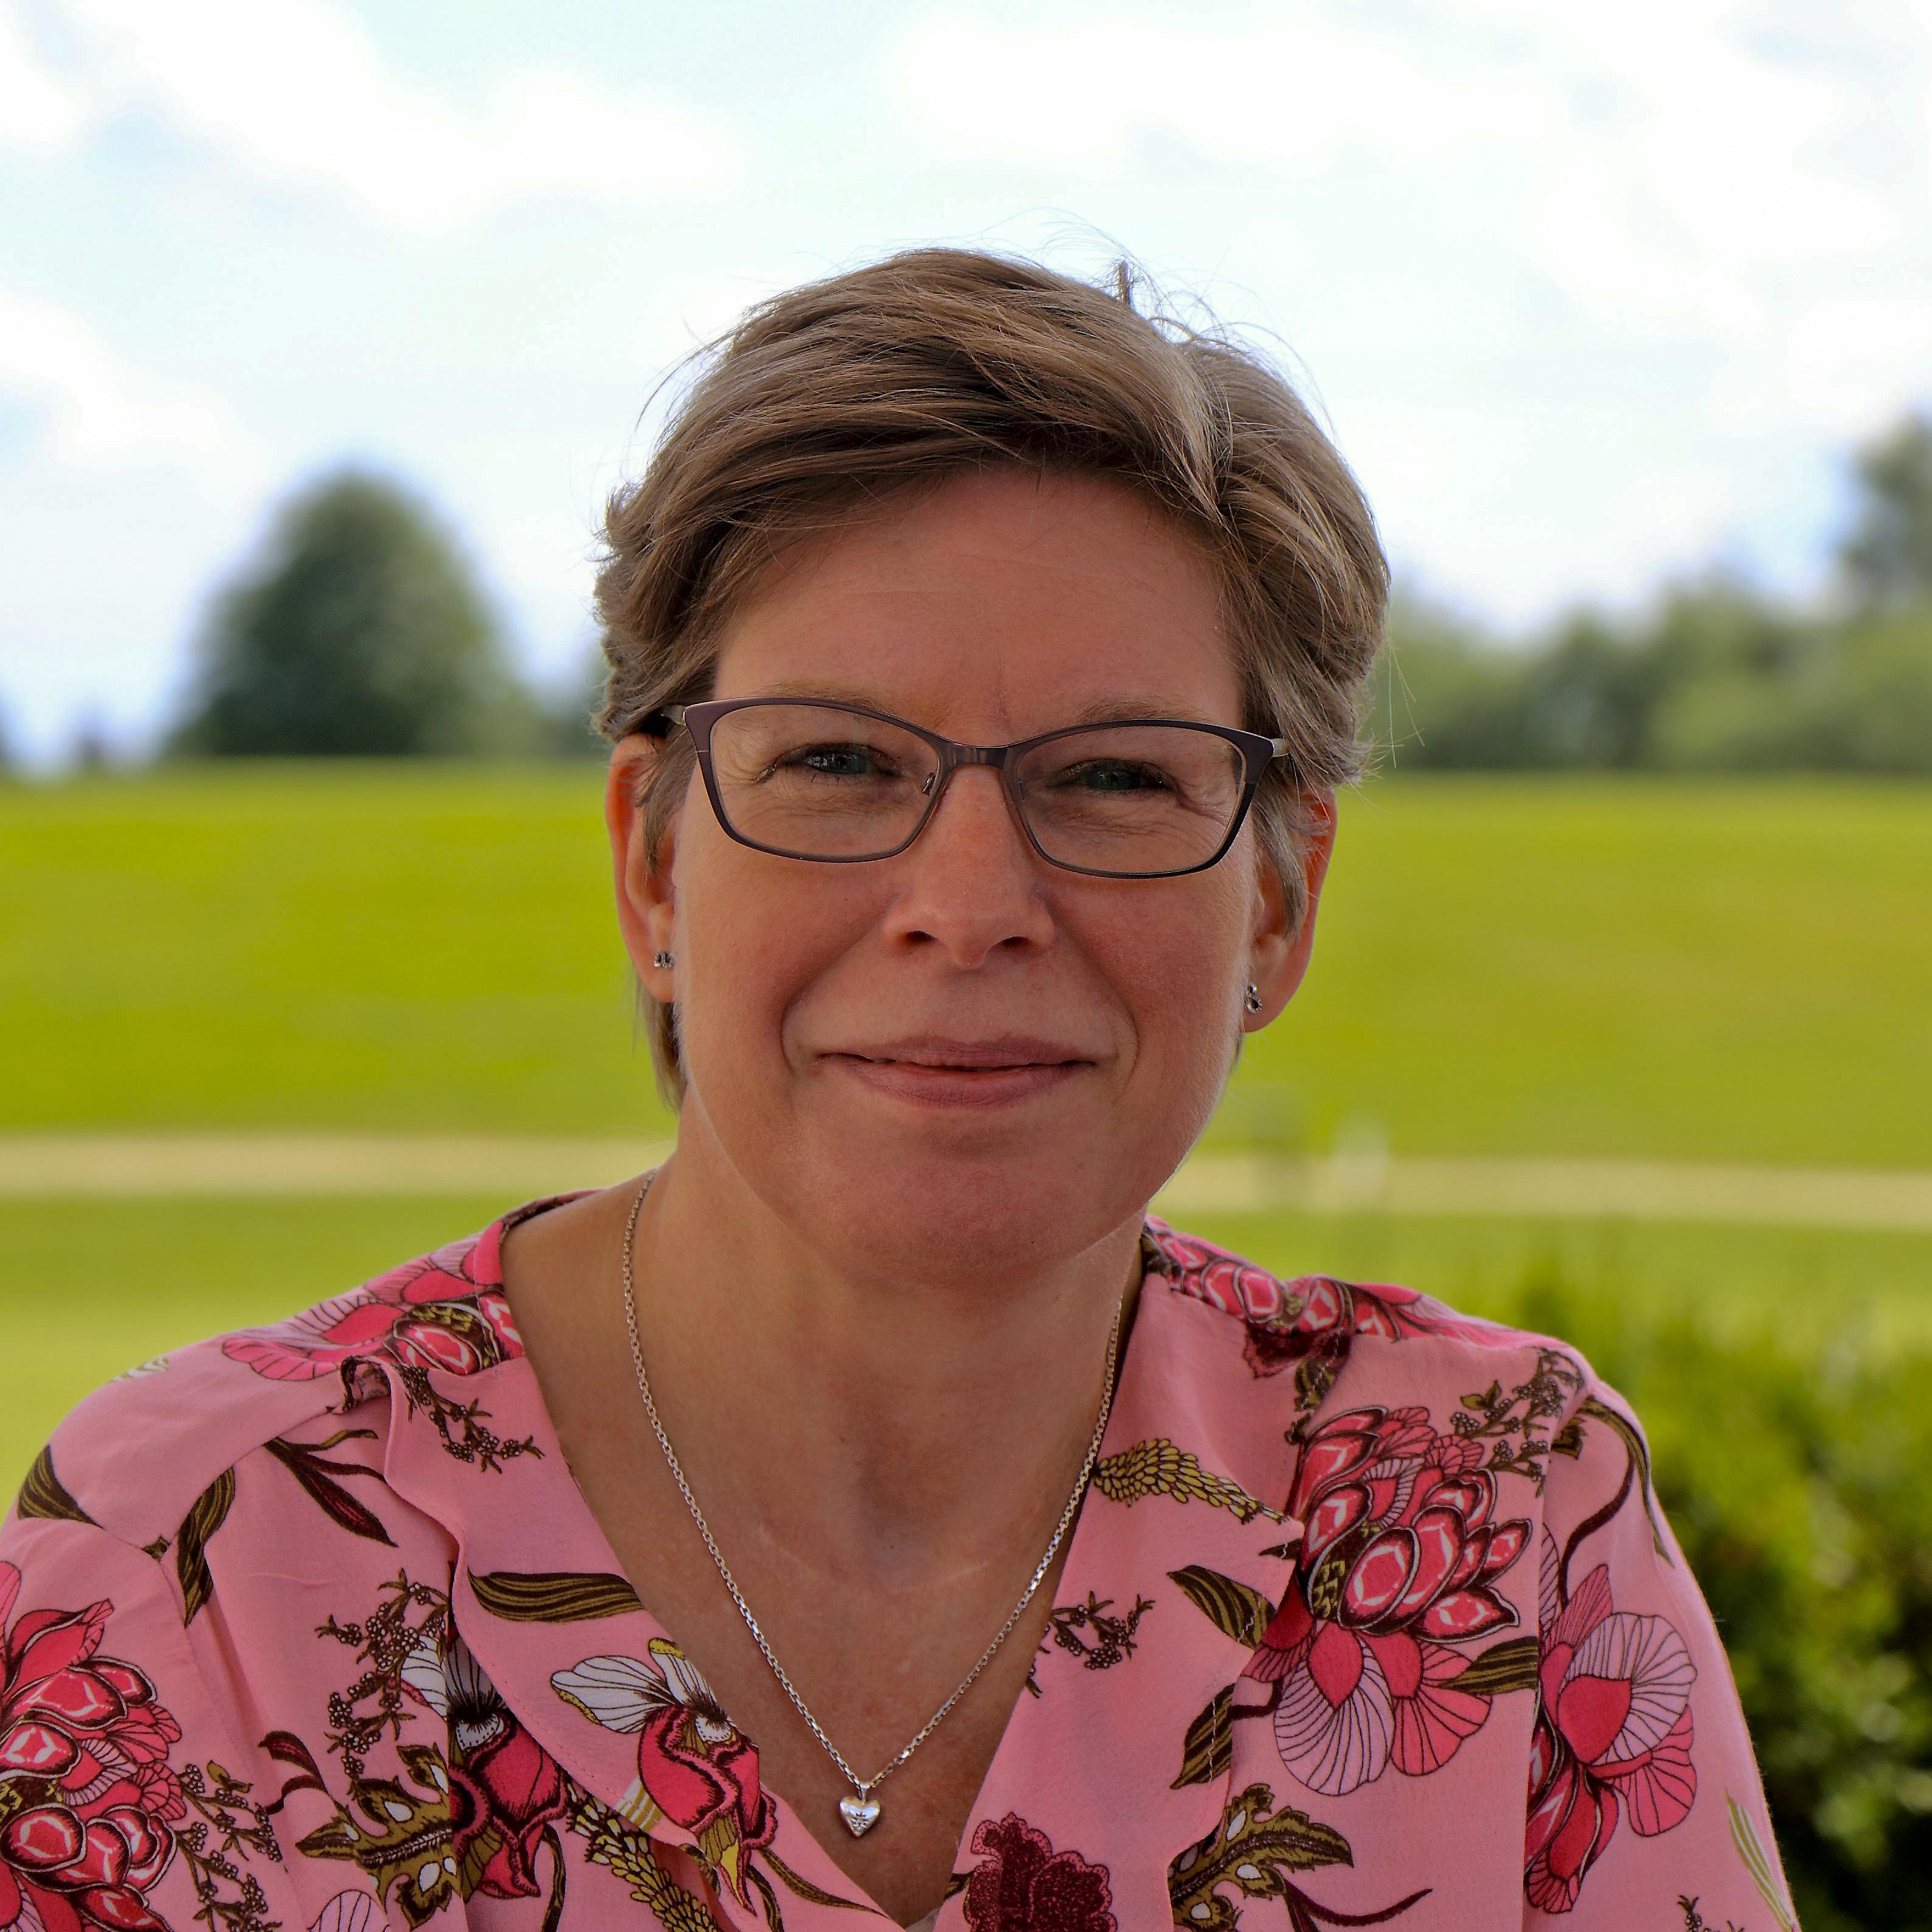 Heidi Henriette Dresler